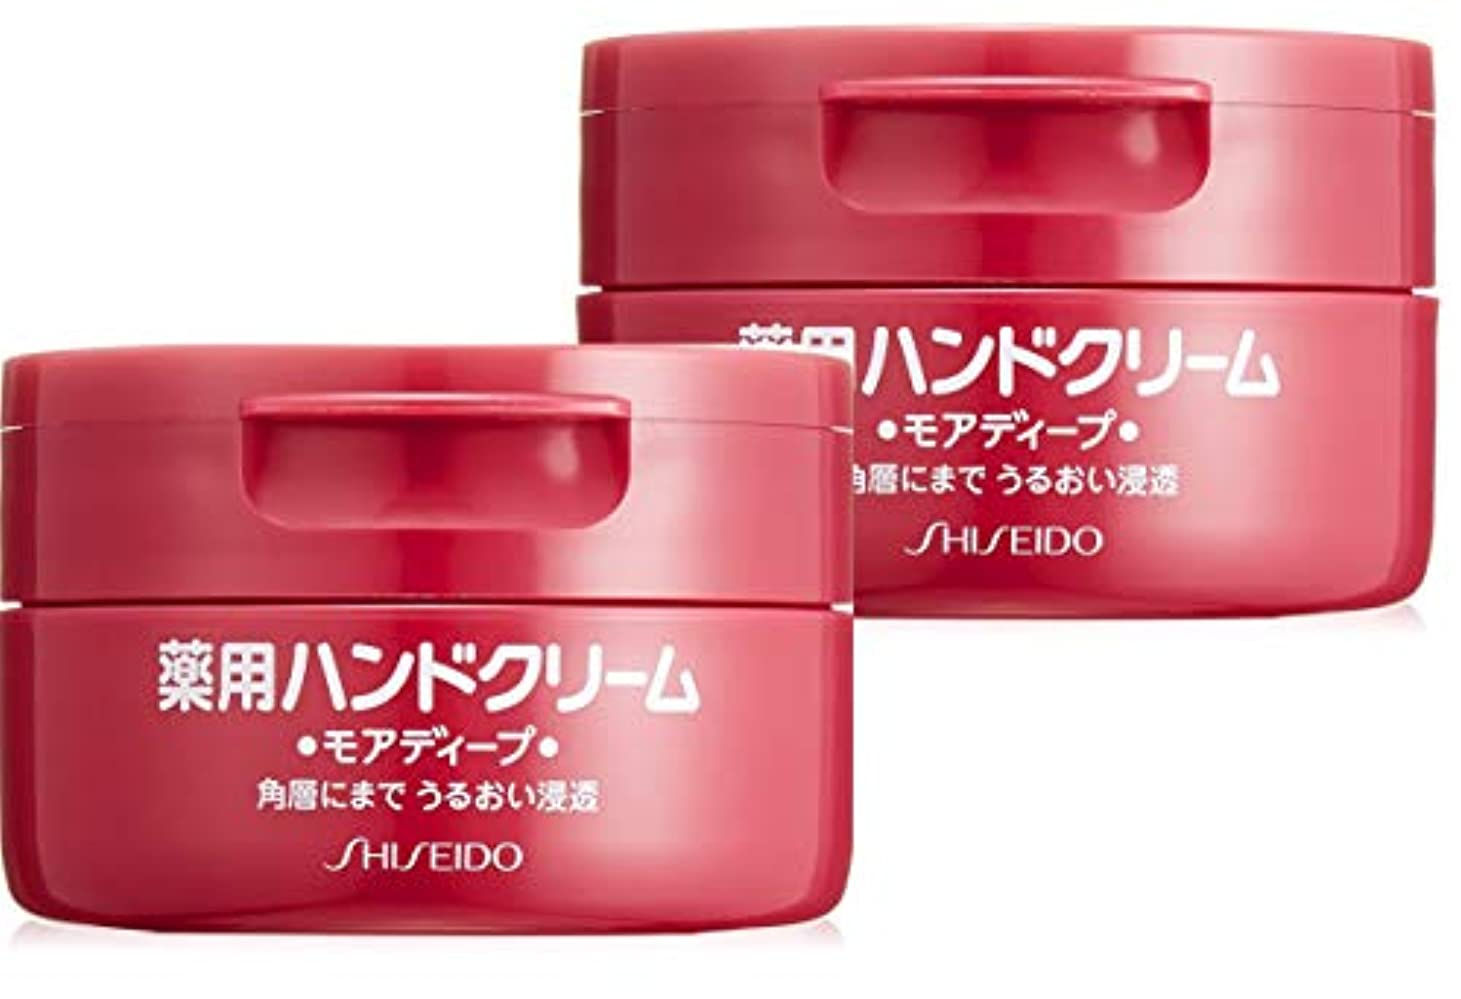 リーク子犬手錠資生堂 【まとめ買い】薬用ハンドクリーム モアディープ 単品 2個